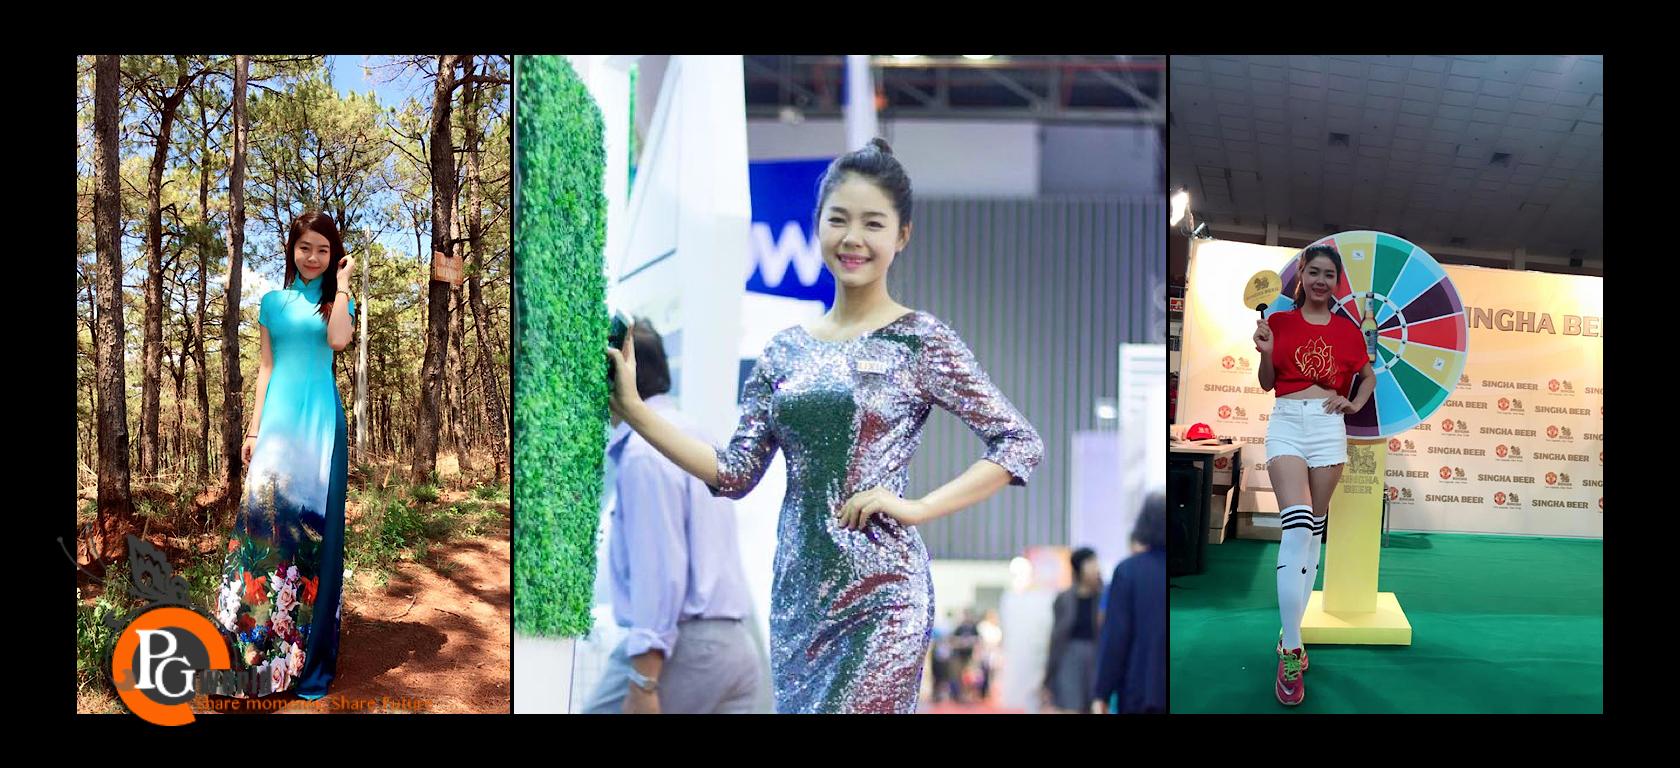 pg-nguoi-mau-model-phuong-thuy